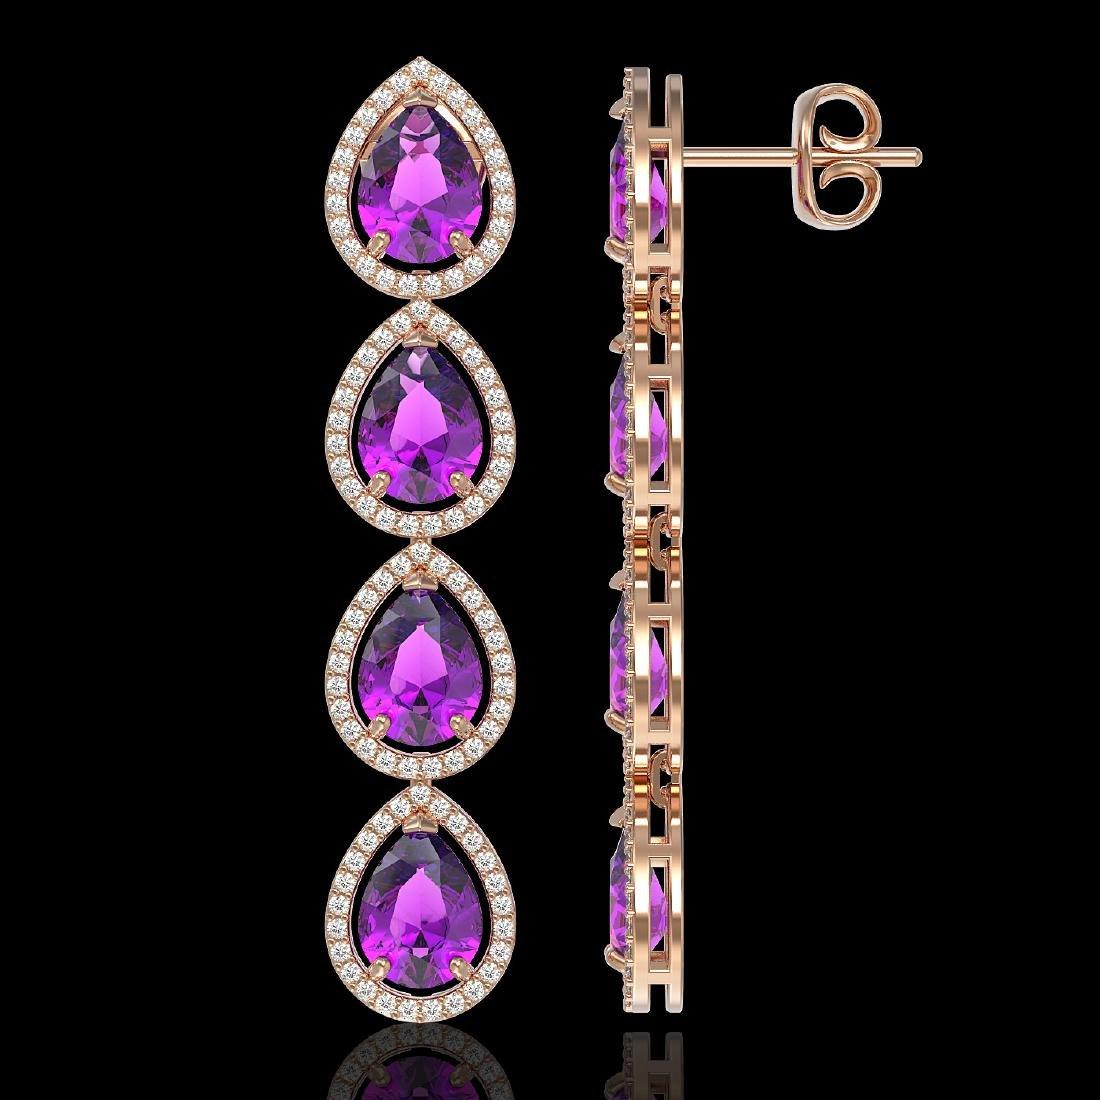 10.85 CTW Amethyst & Diamond Halo Earrings 10K Rose - 2